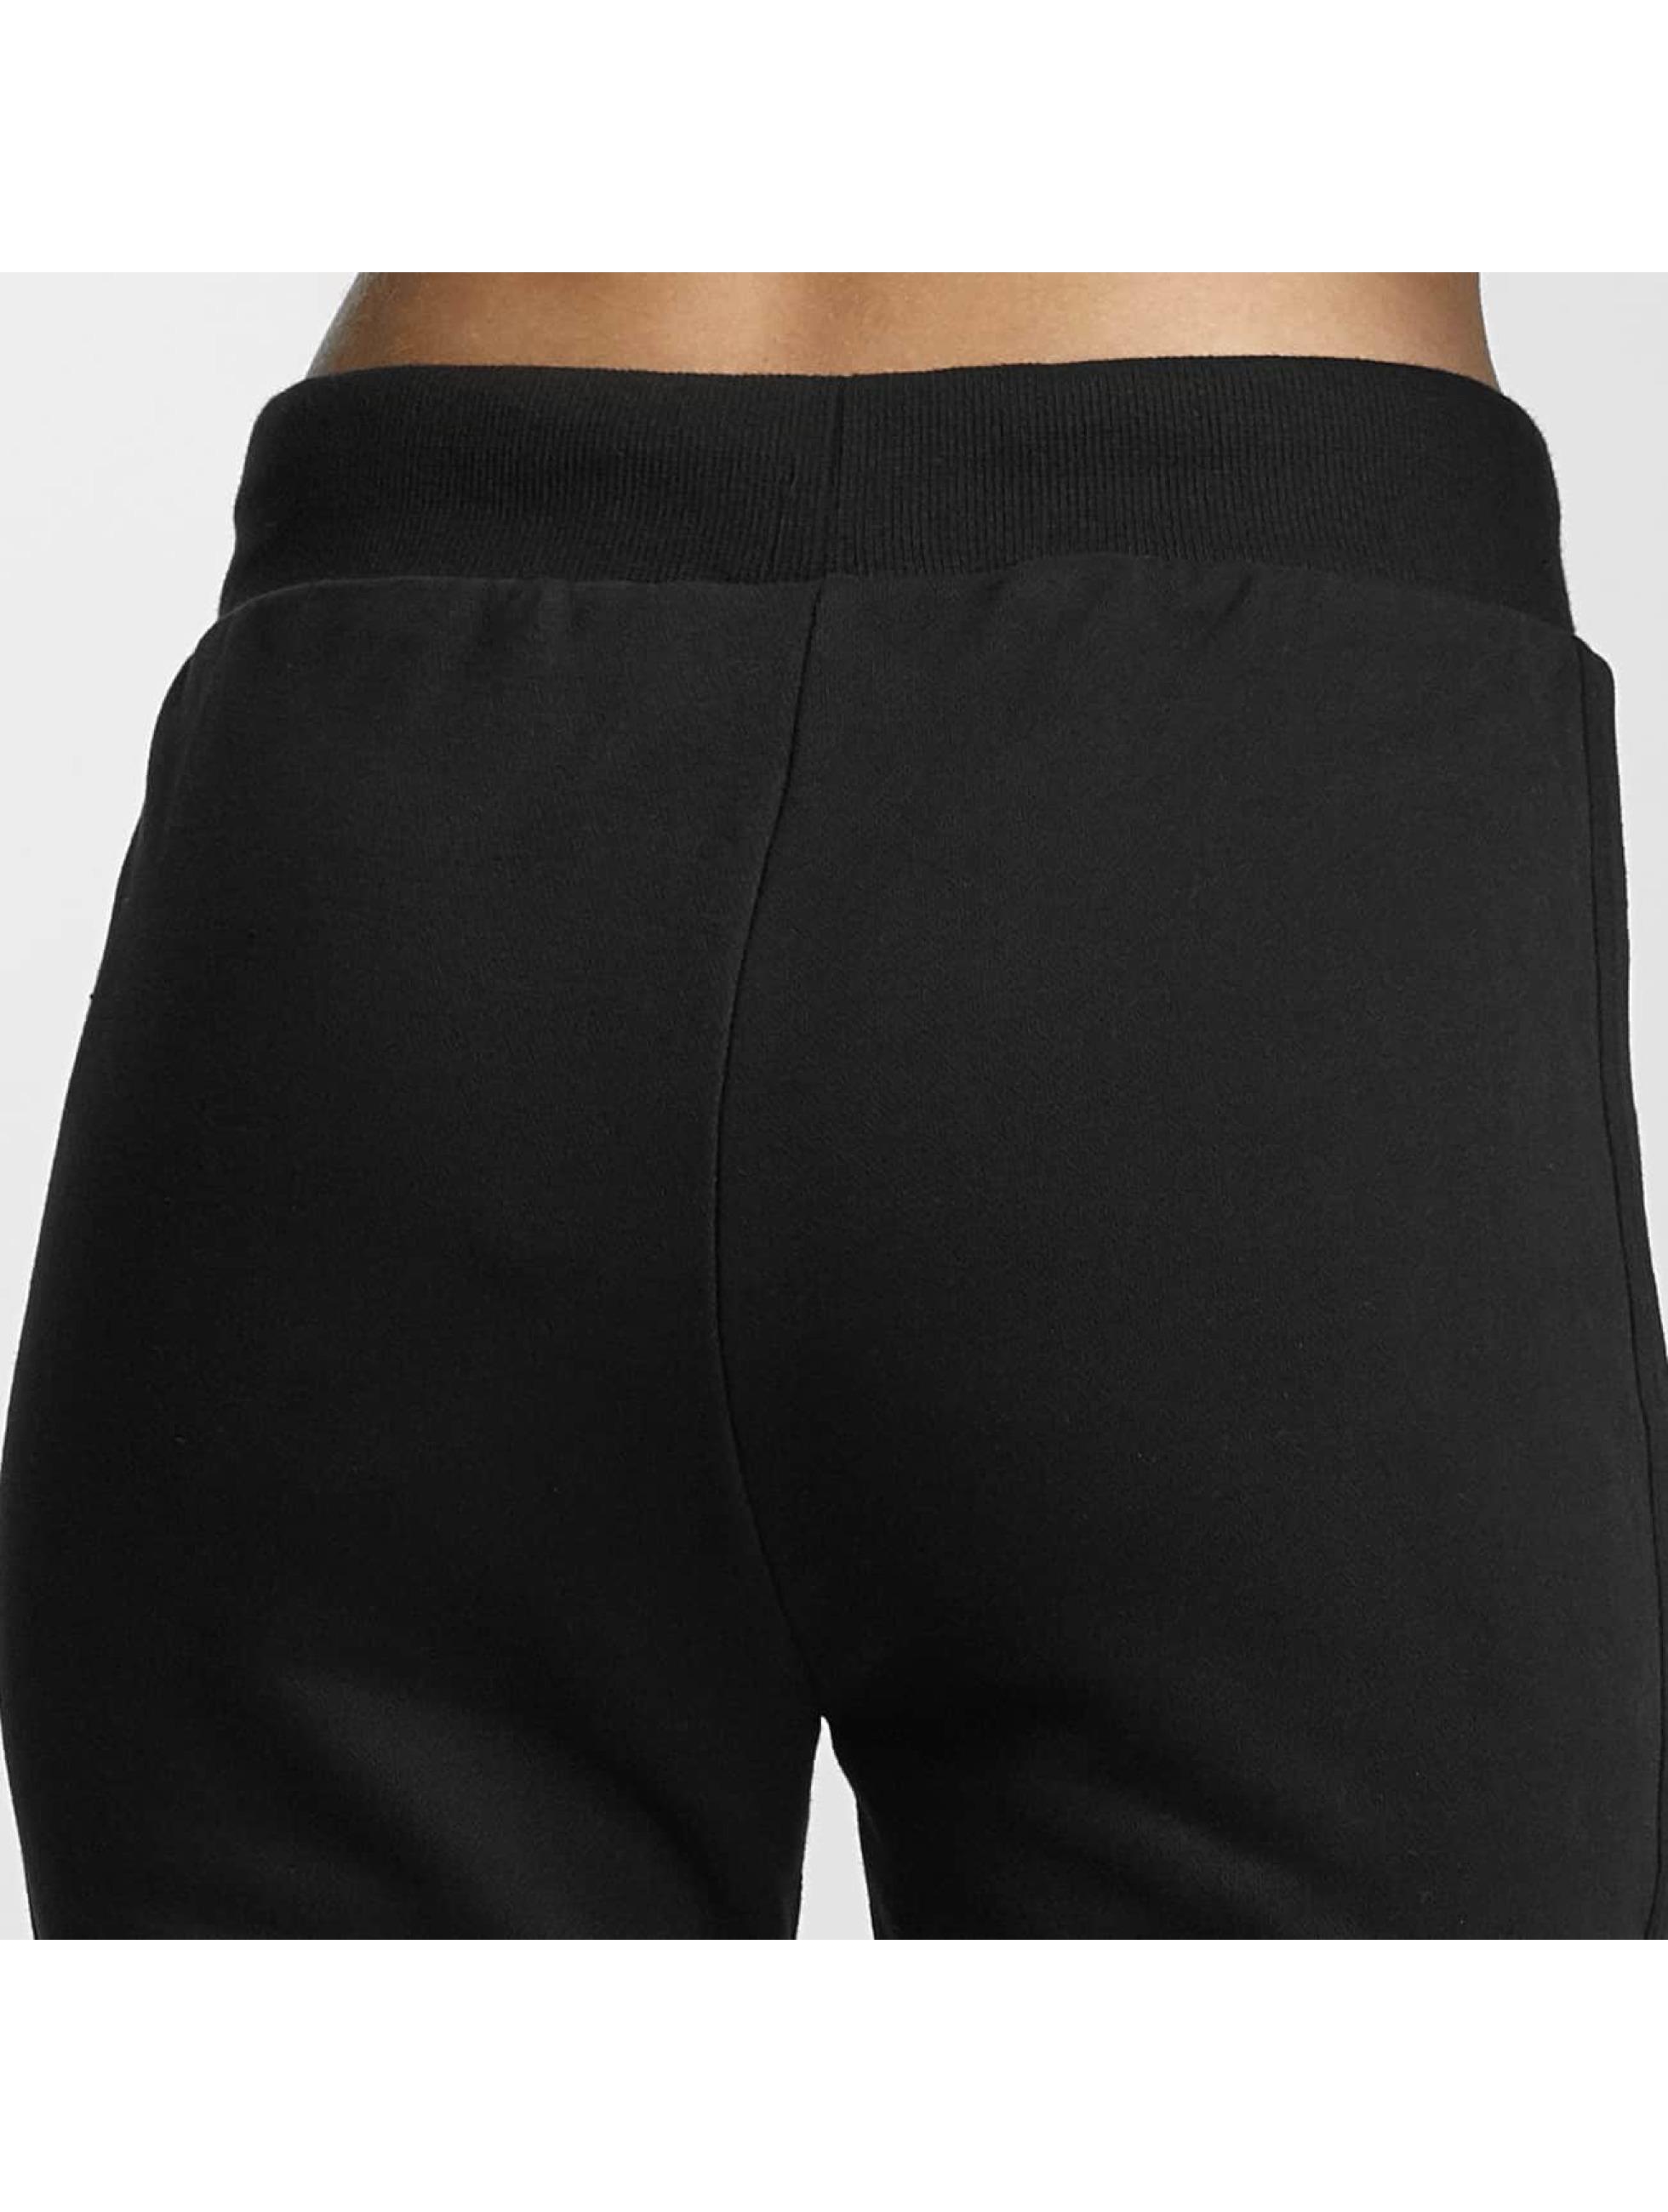 adidas Jogginghose Slim Cut schwarz